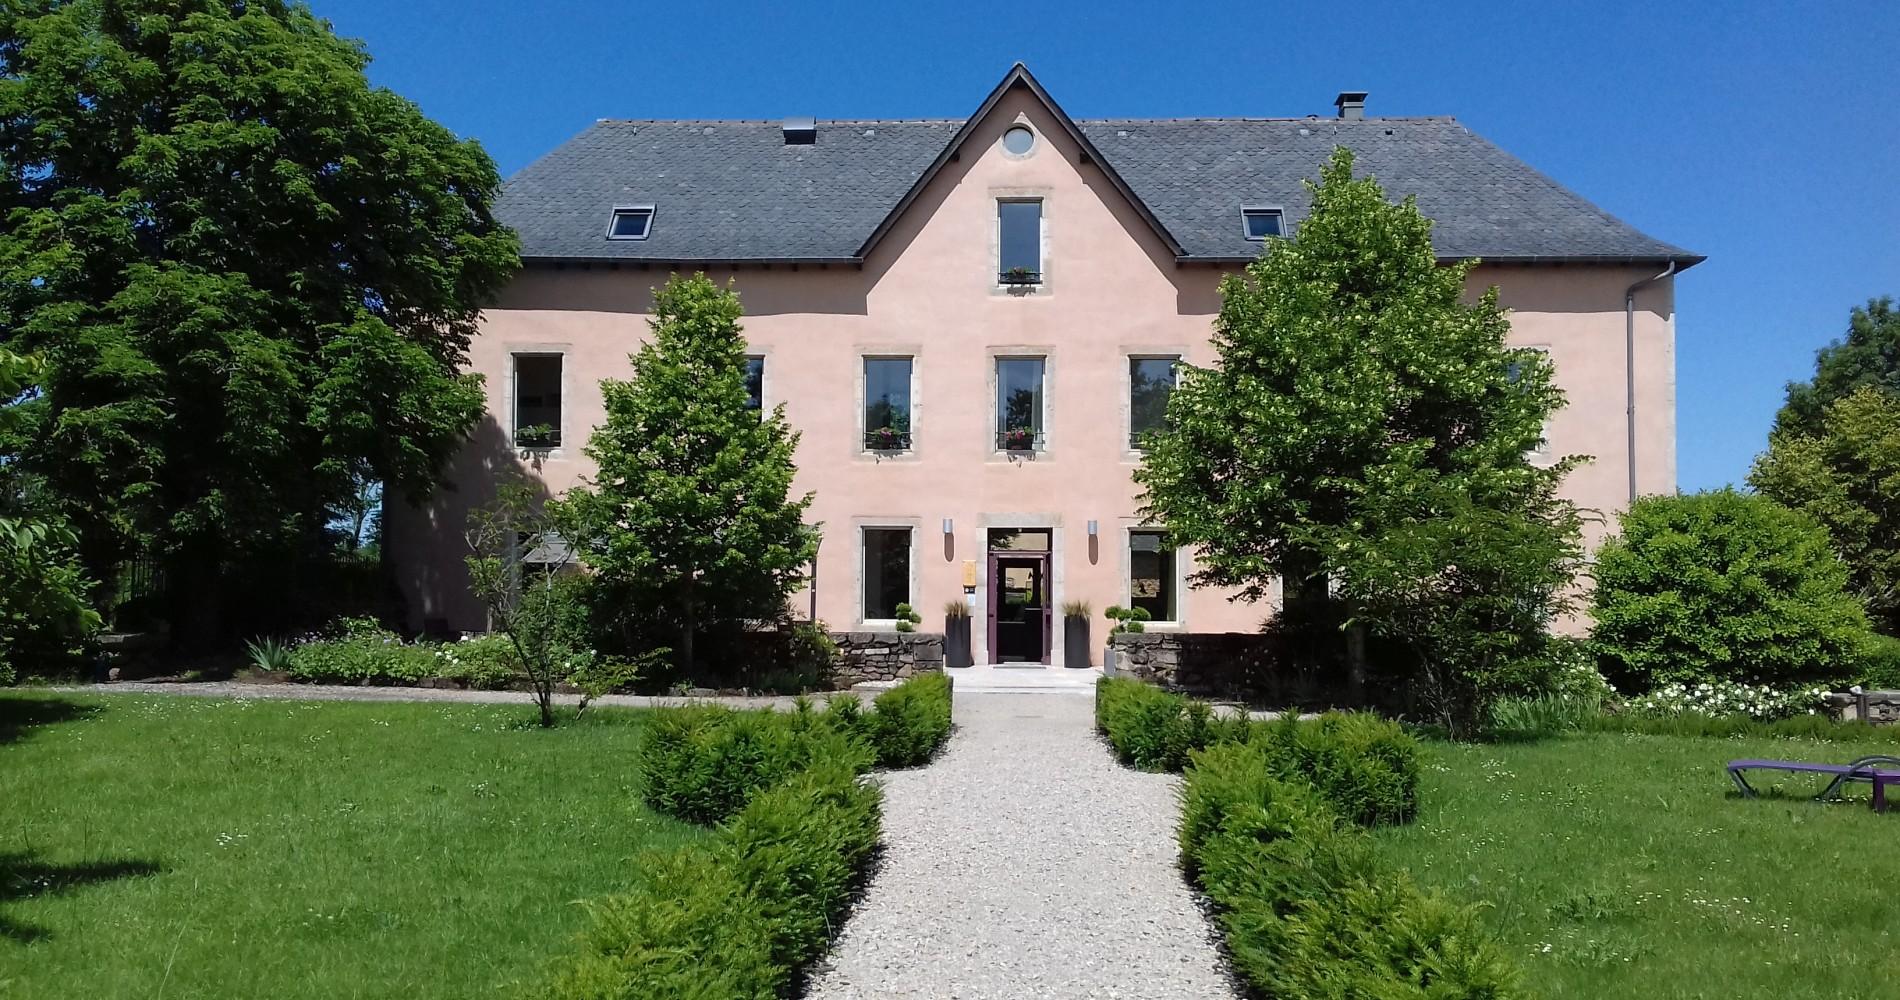 Hotel ferme Bourran Rodez pelouse jardin fleurs plantes arbres